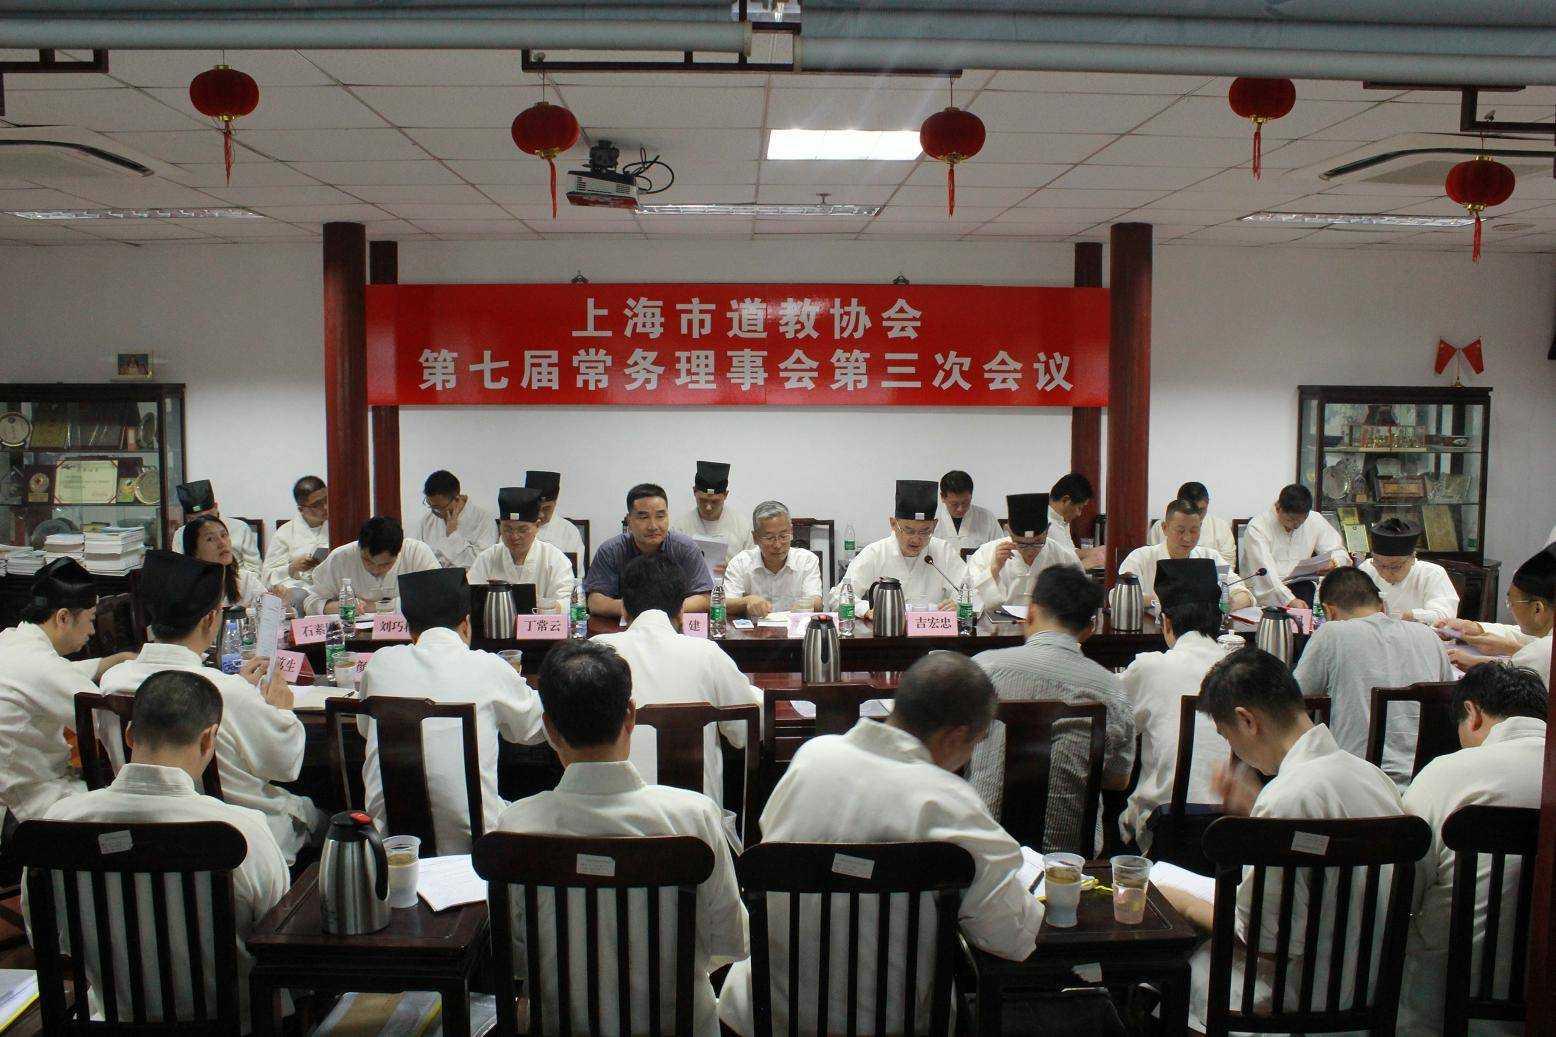 上海市道教协会召开第七届三次常务理事会